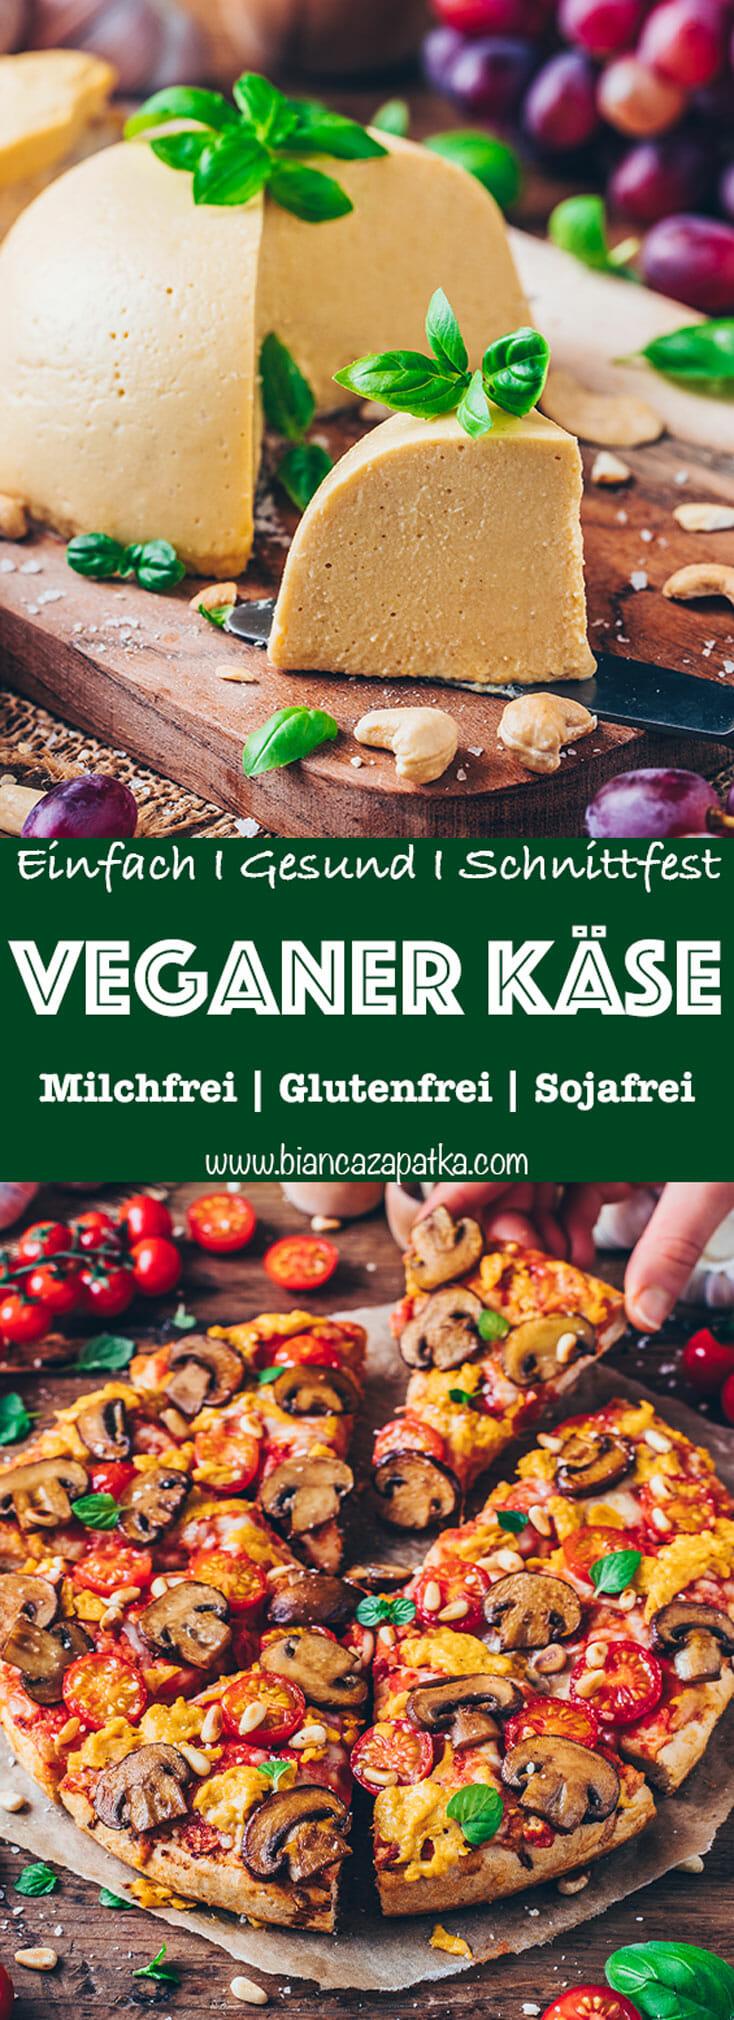 Veganer Käse Rezept (Einfach, gesund, schnittfest, zum Überbacken)